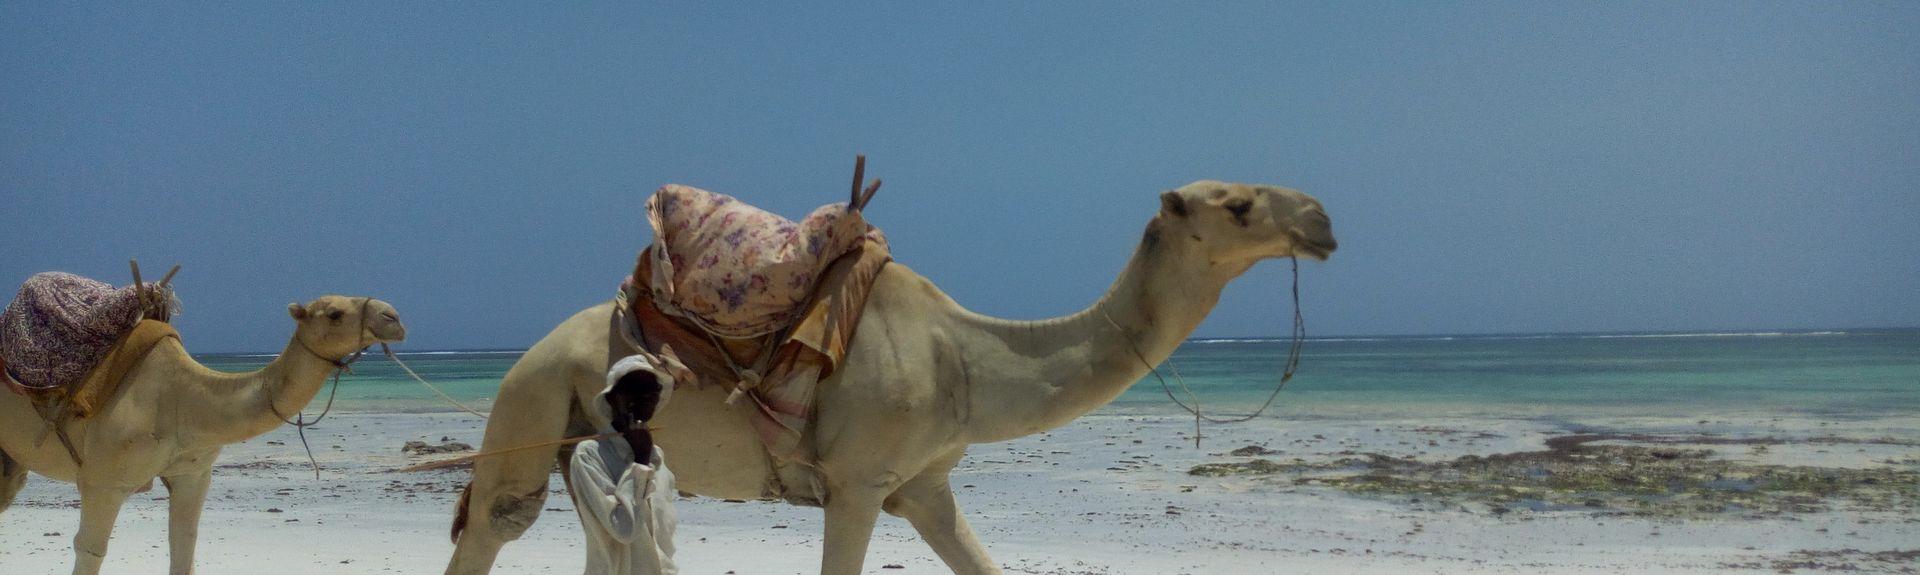 Playa de Chale, Isla de Chale, Condado de Kwale, Kenia